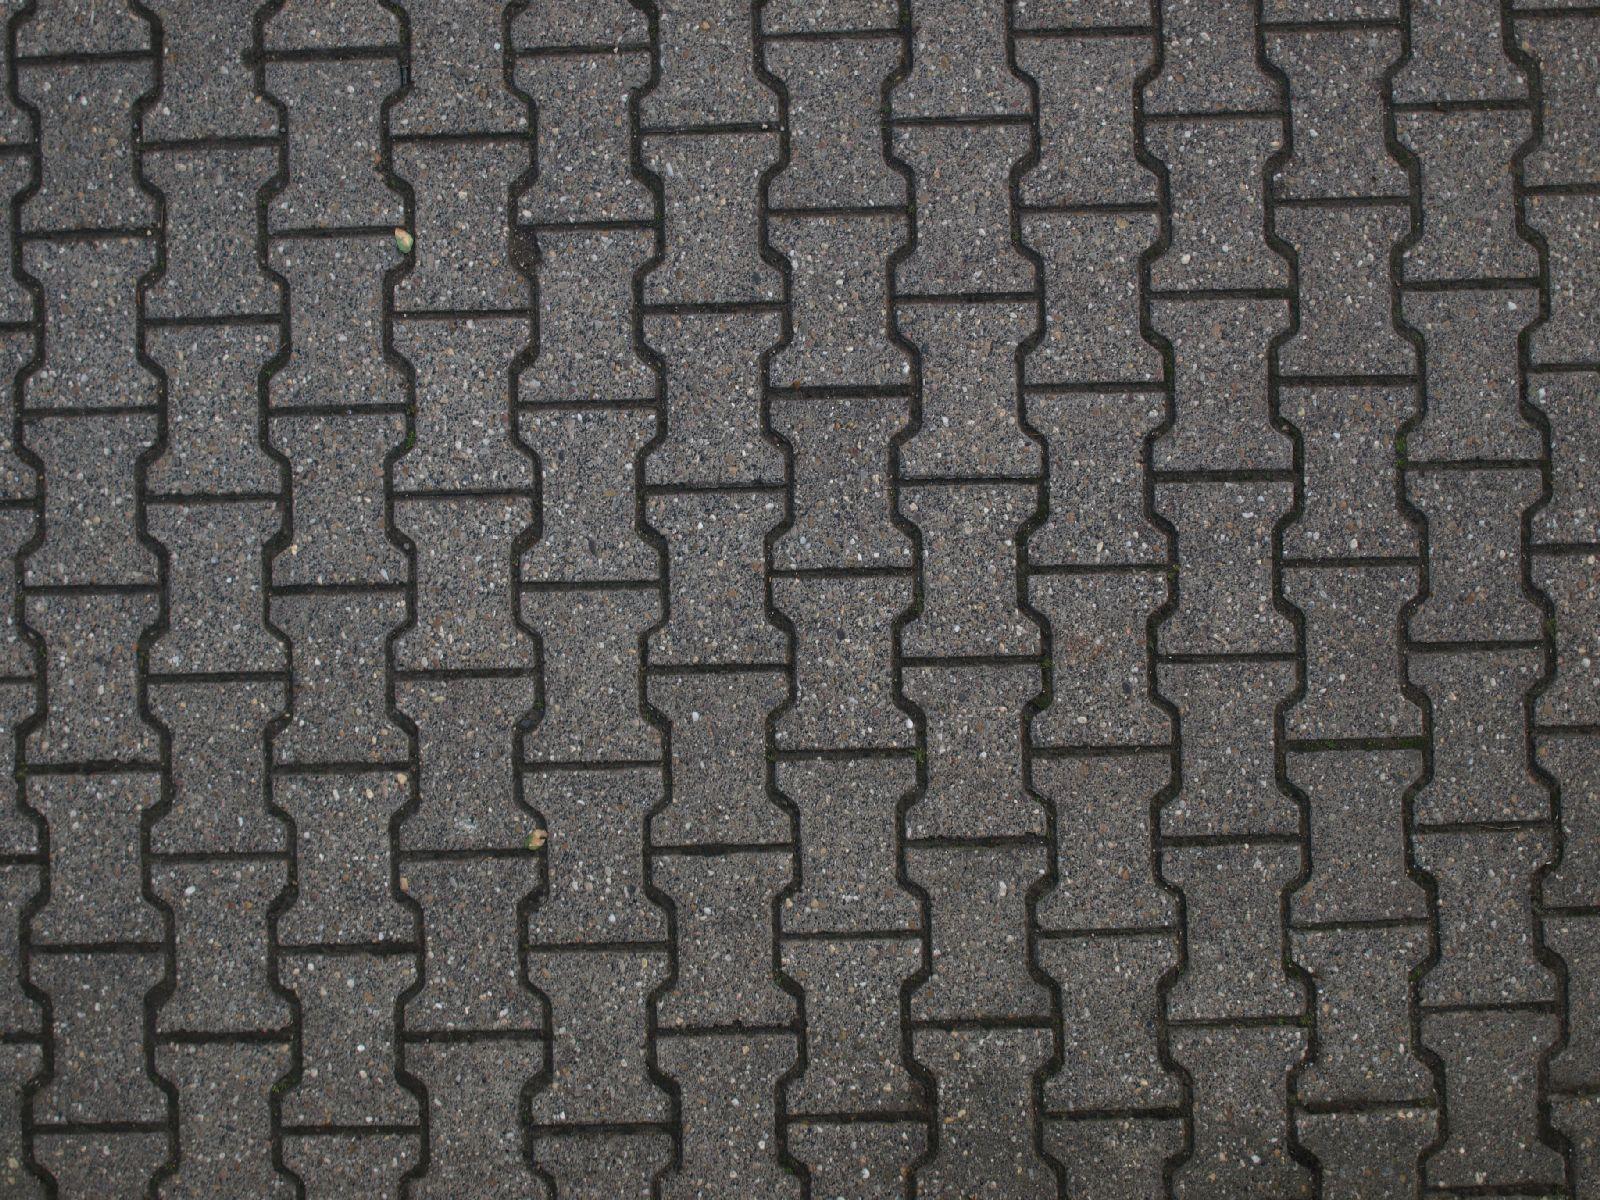 Boden-Gehweg-Strasse-Buergersteig-Textur_A_P9209719